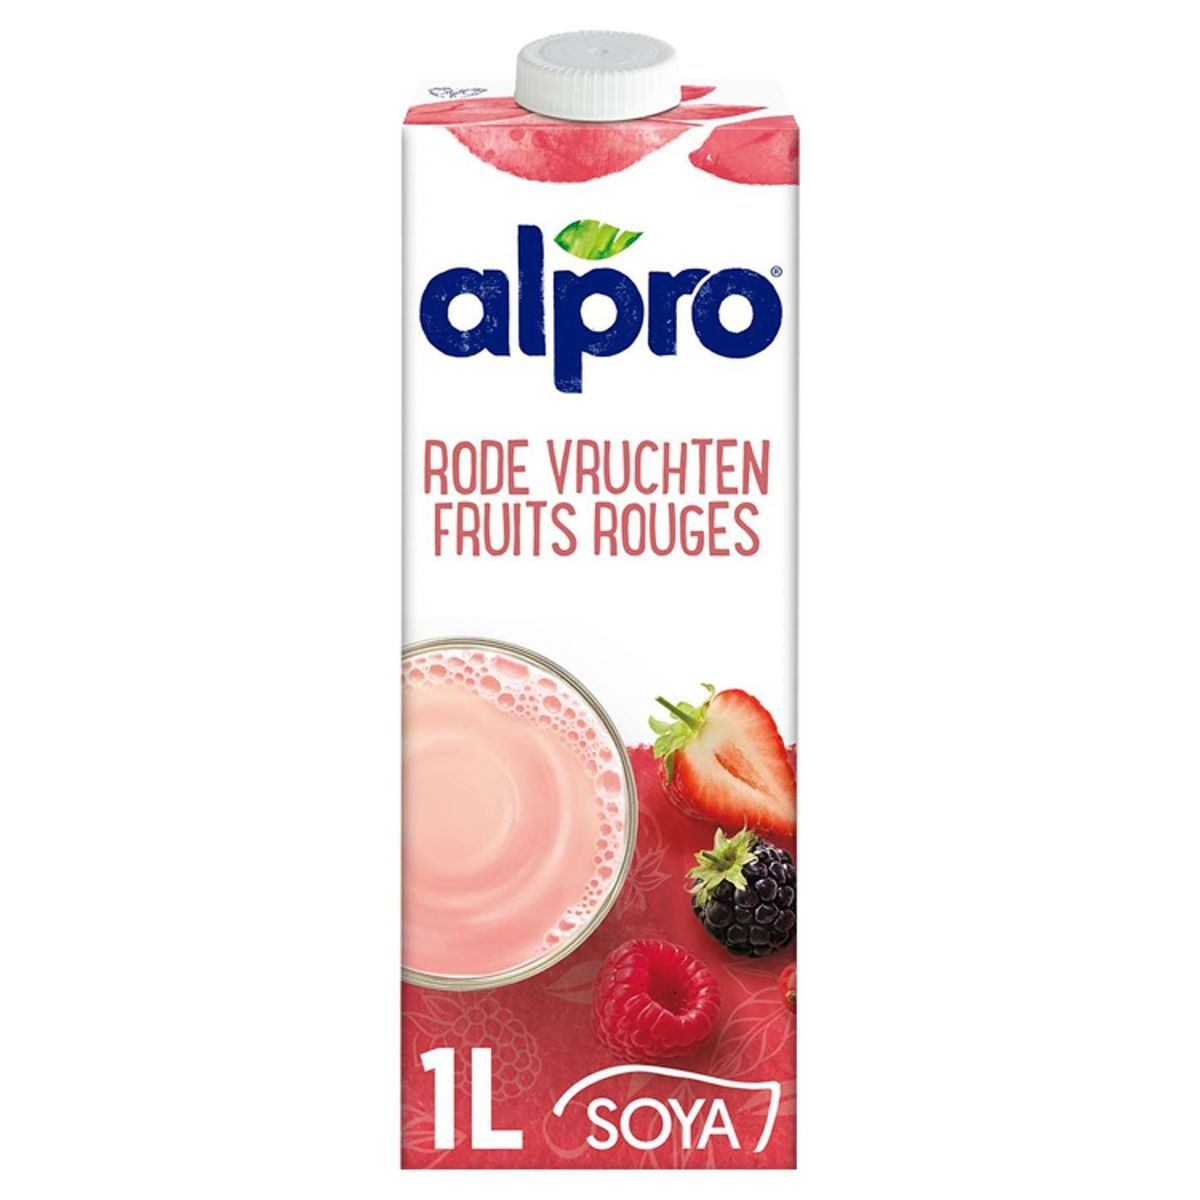 Alpro Fruits Rouges Boisson à base de Soja 1 L